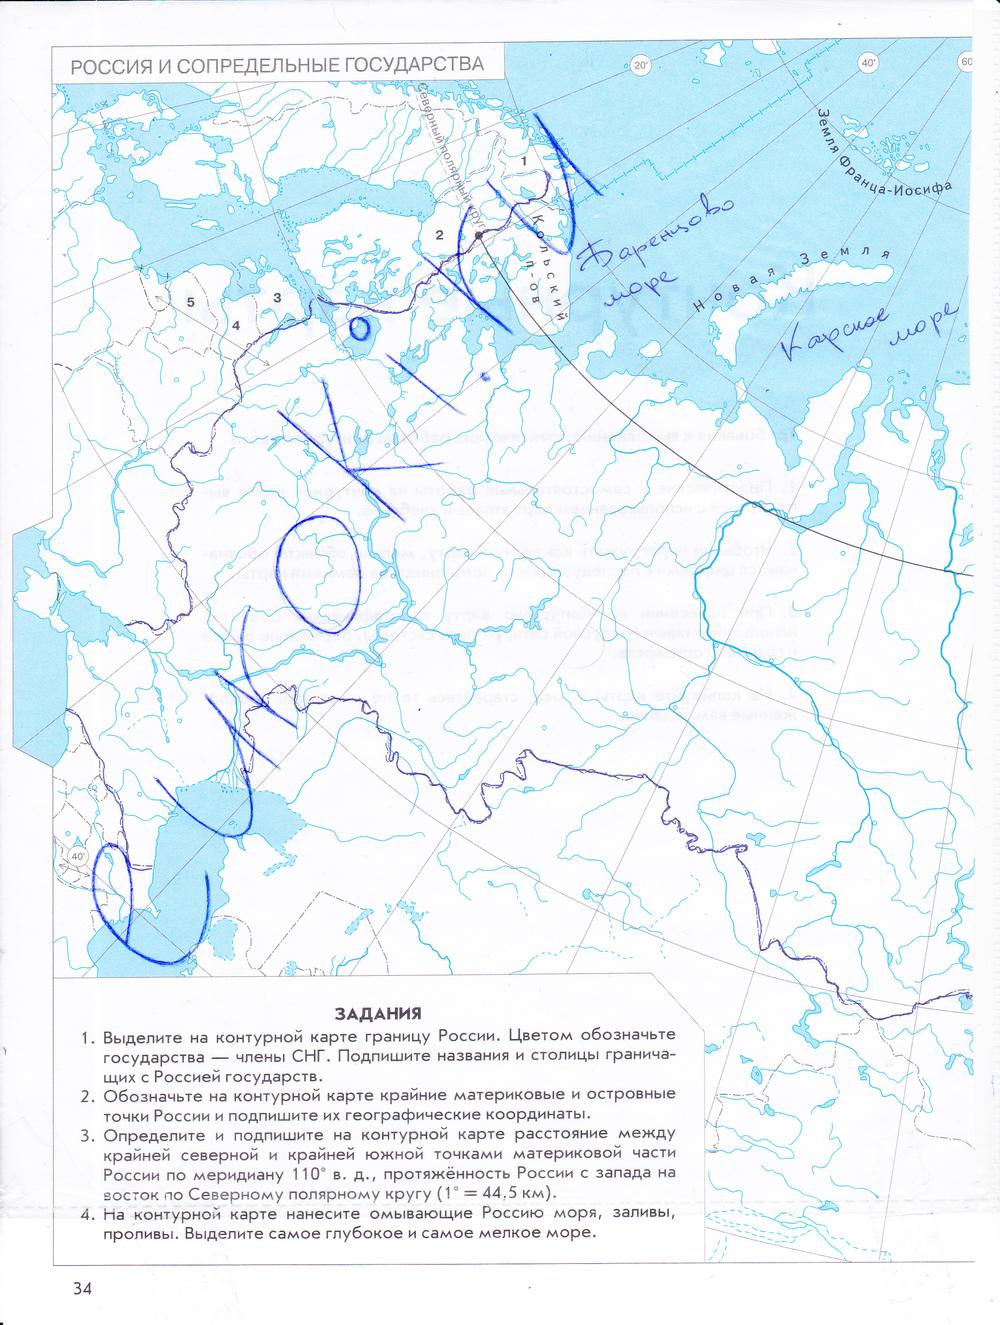 гдз по географии 8 класс контурная карта дрофа